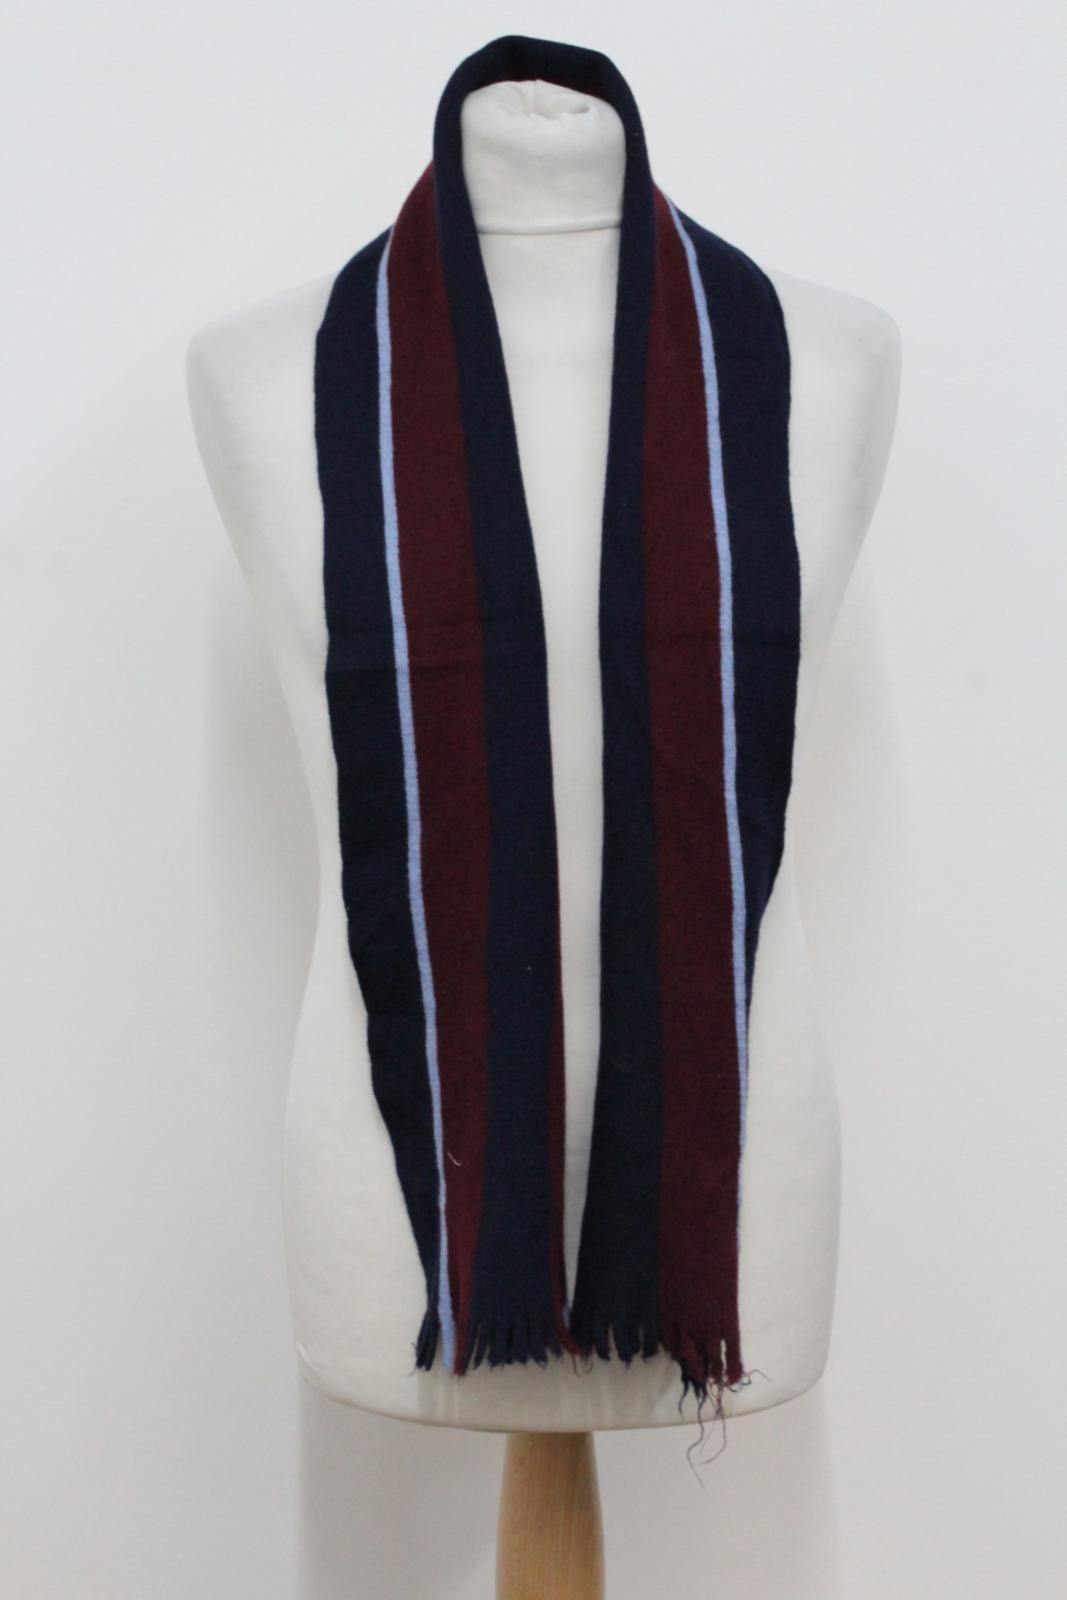 Hilltop-Homme-Bleu-amp-Rouge-Laine-depouille-rectangulaire-Tricot-echarpe-152-cm-x-20-cm